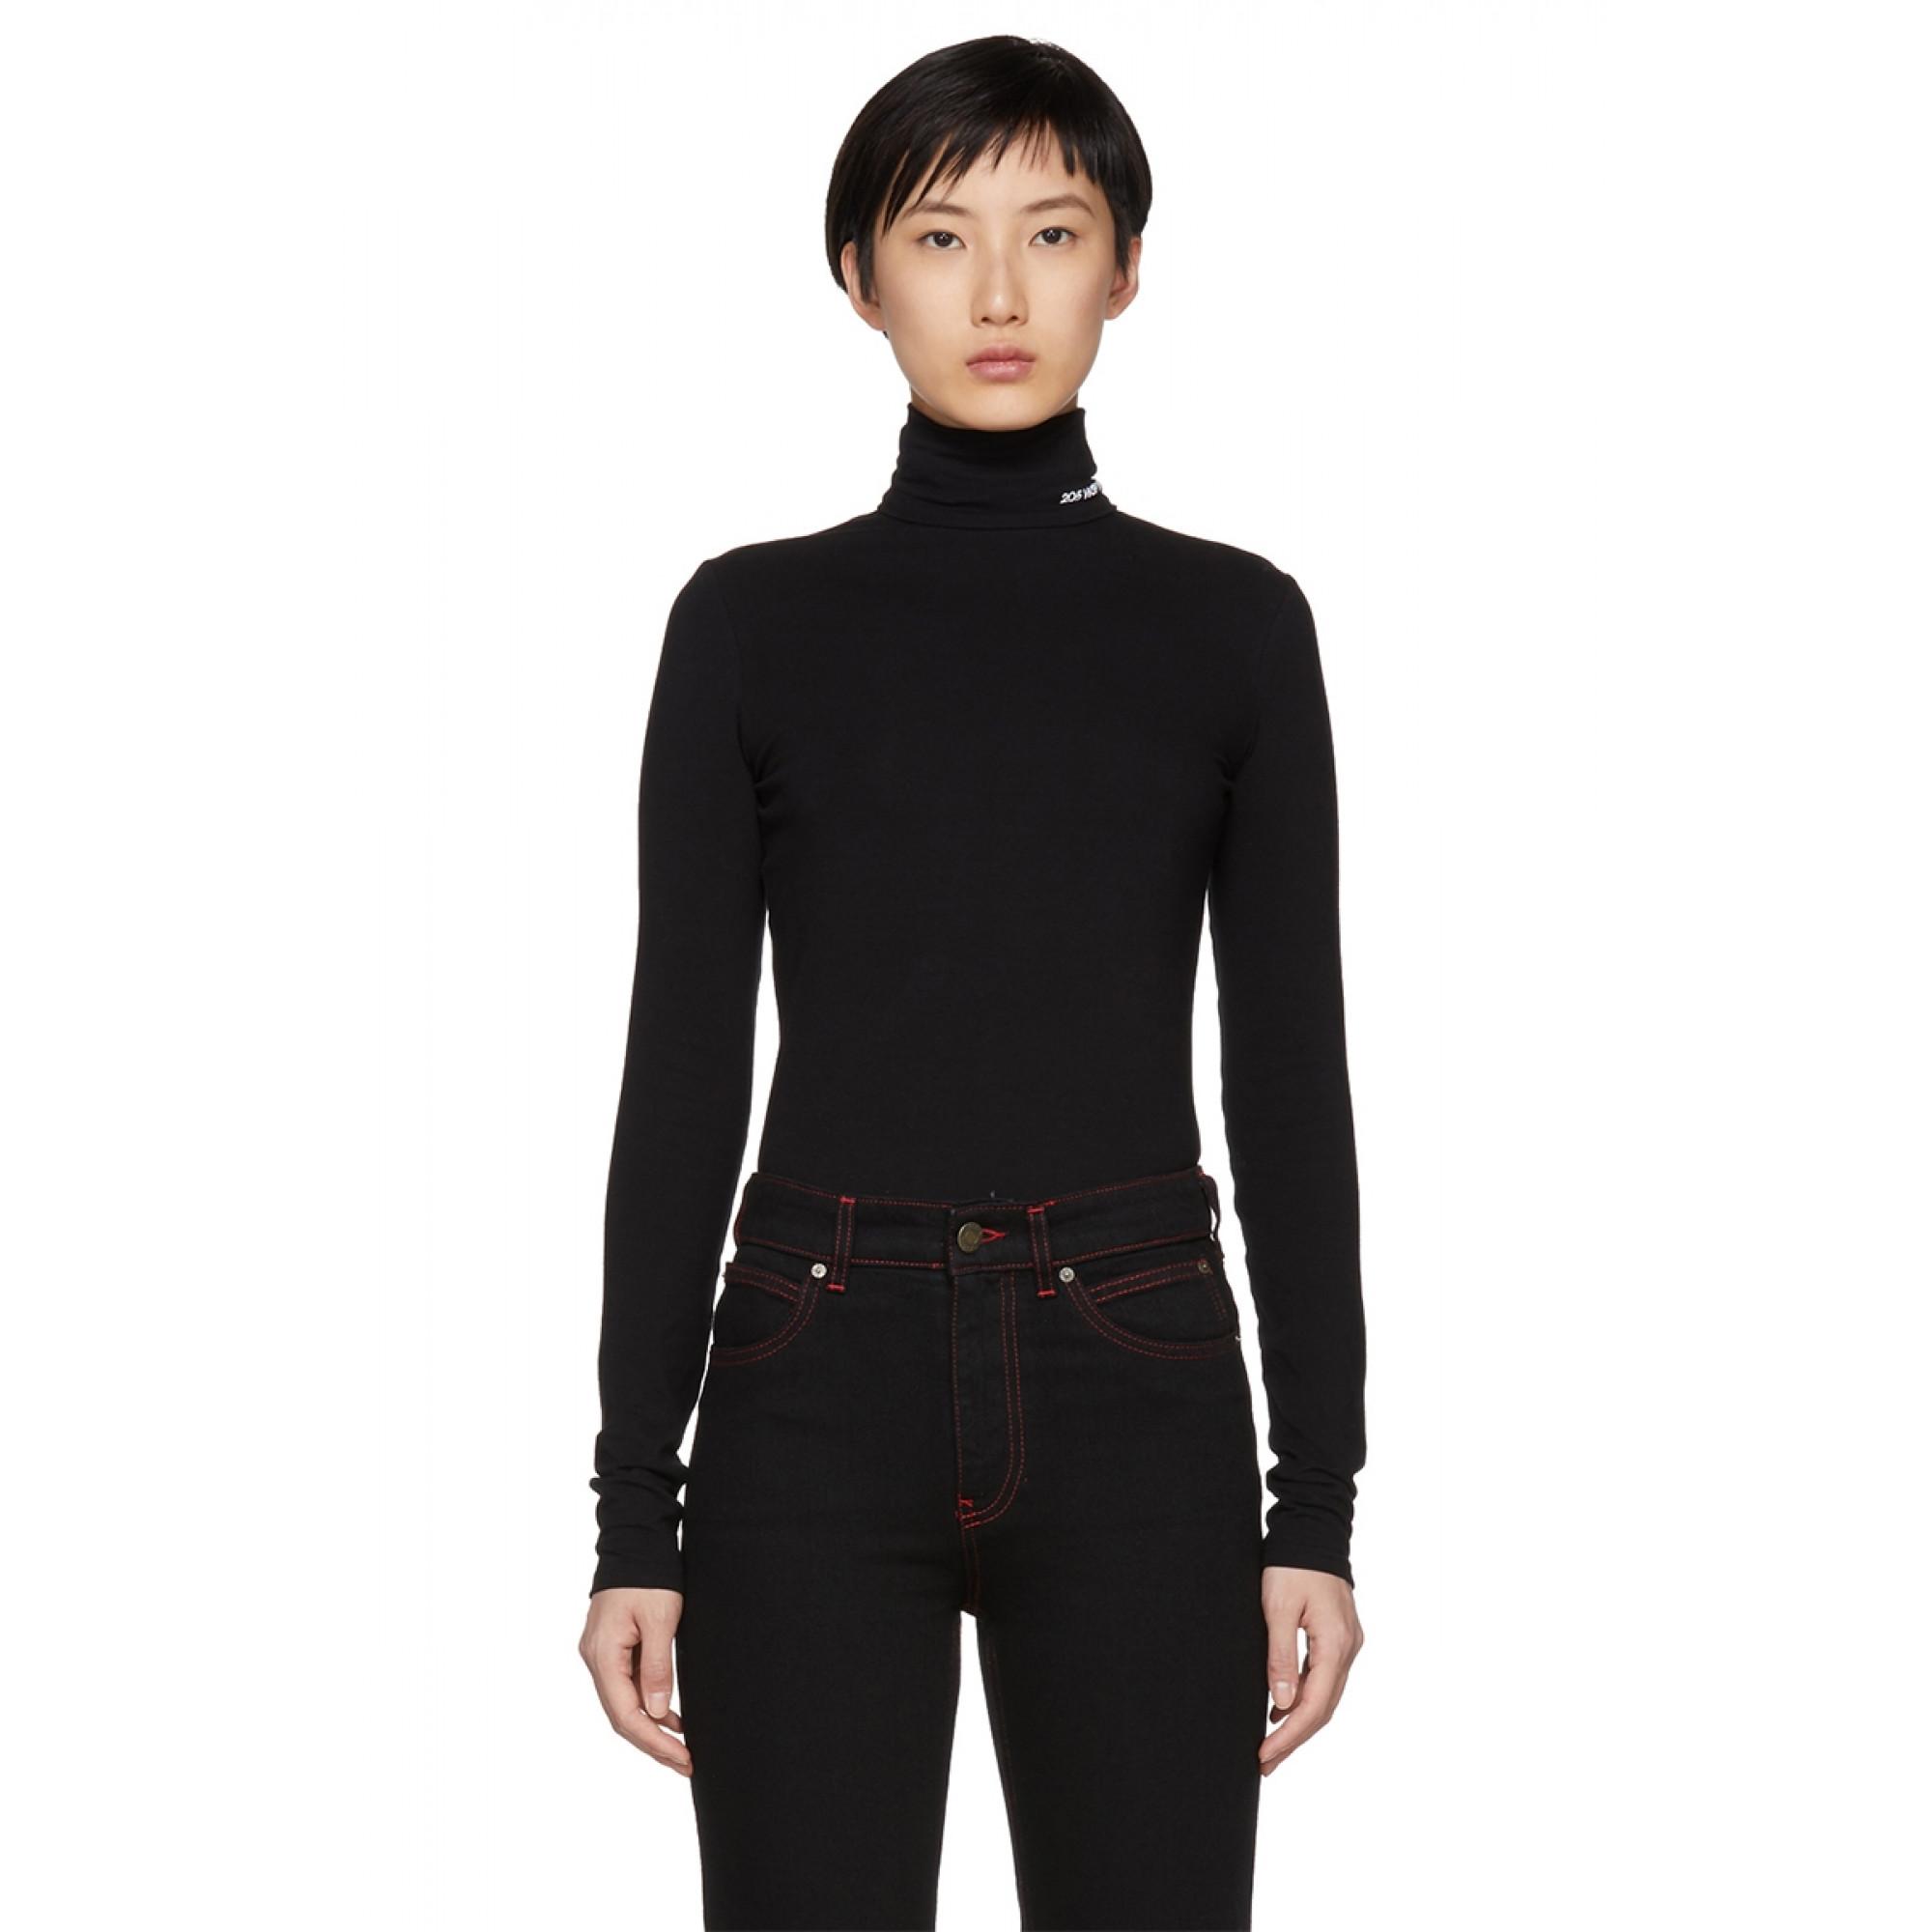 Черная водолазка от Calvin Klein  купить женский свитер и пуловер в ... e2b4312a143b6